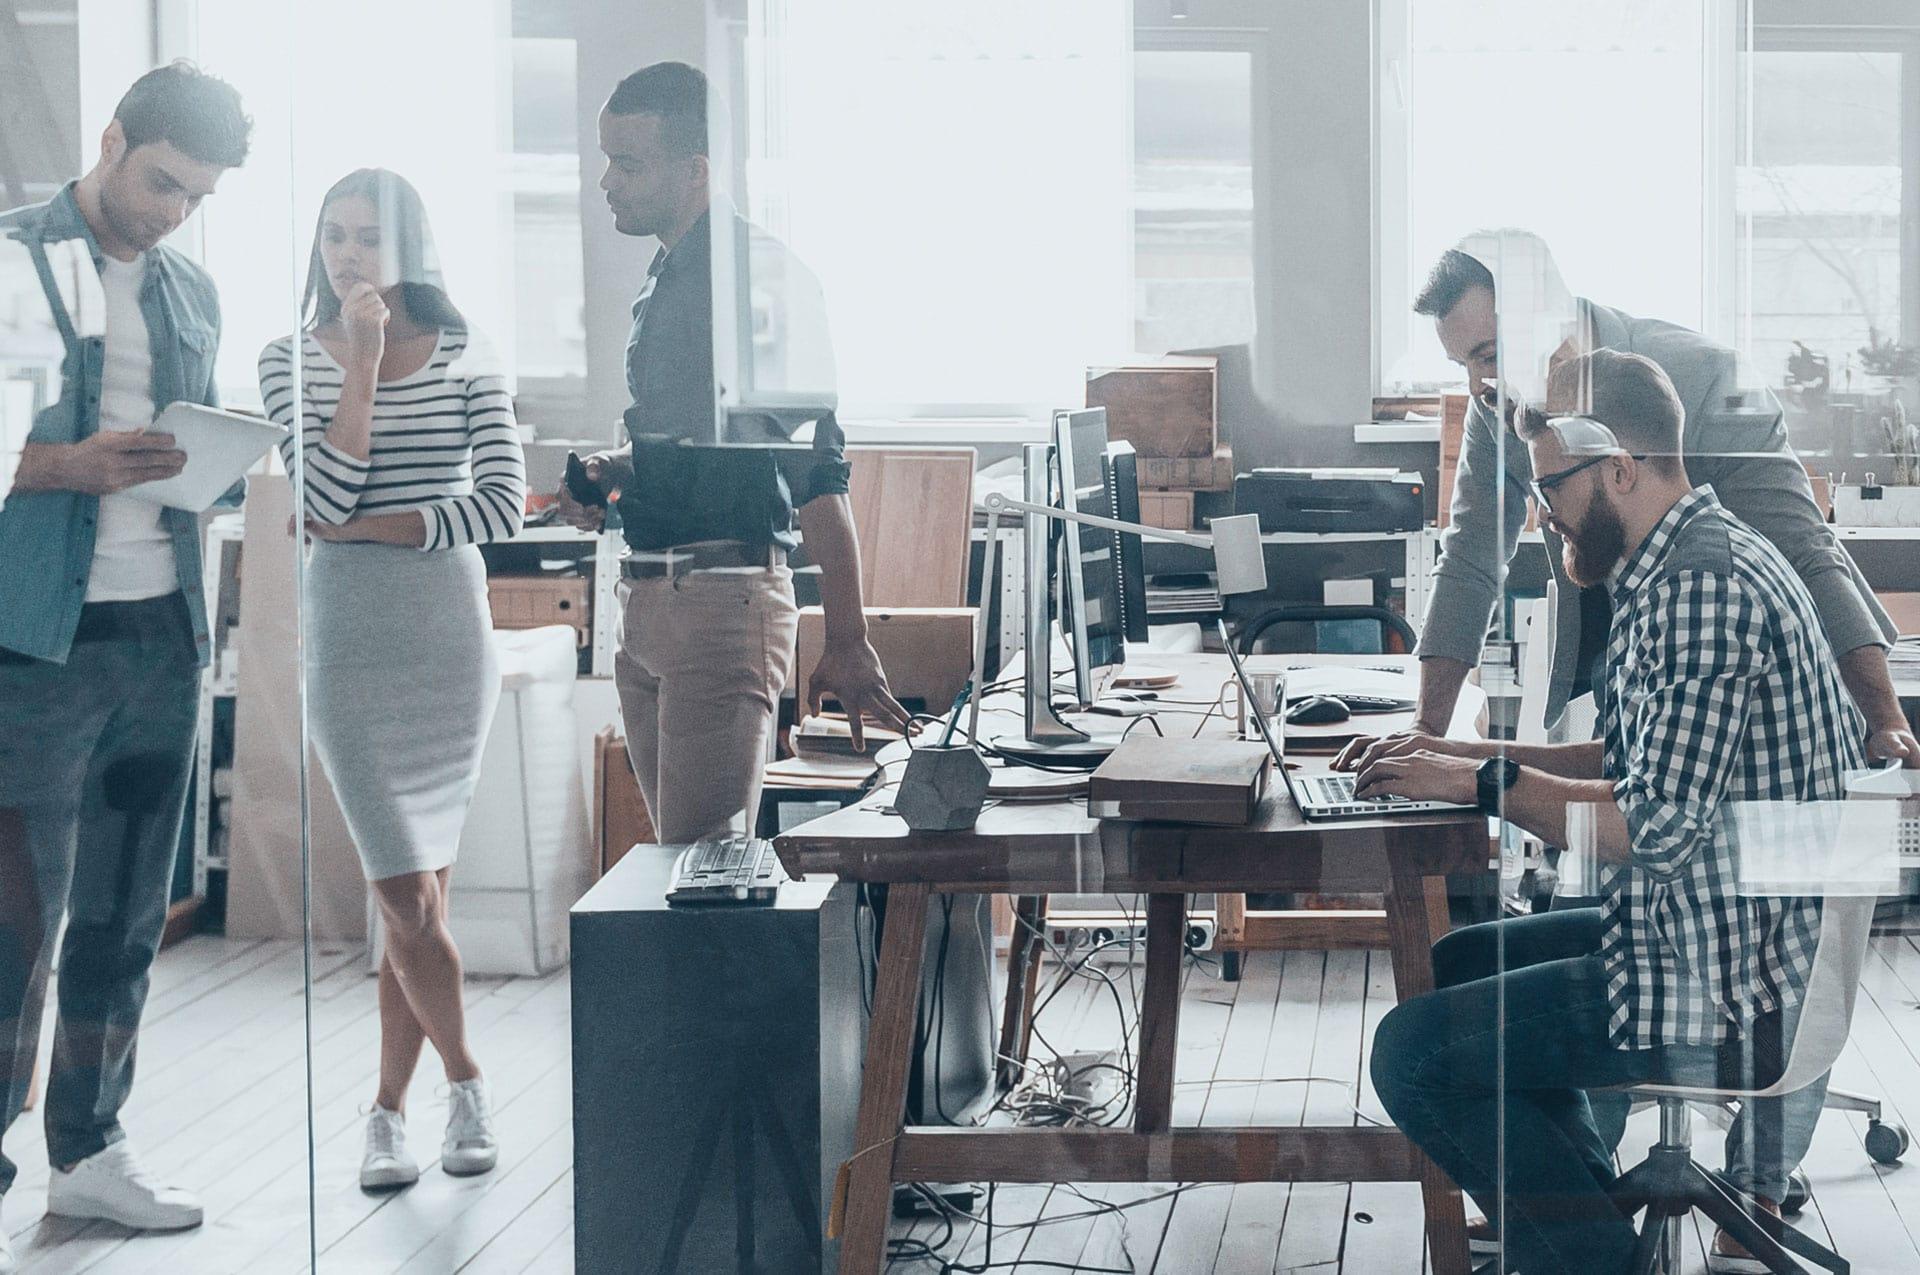 Blick in ein Großraumbüro durch eine Glaswand, viele arbeitende Menschen